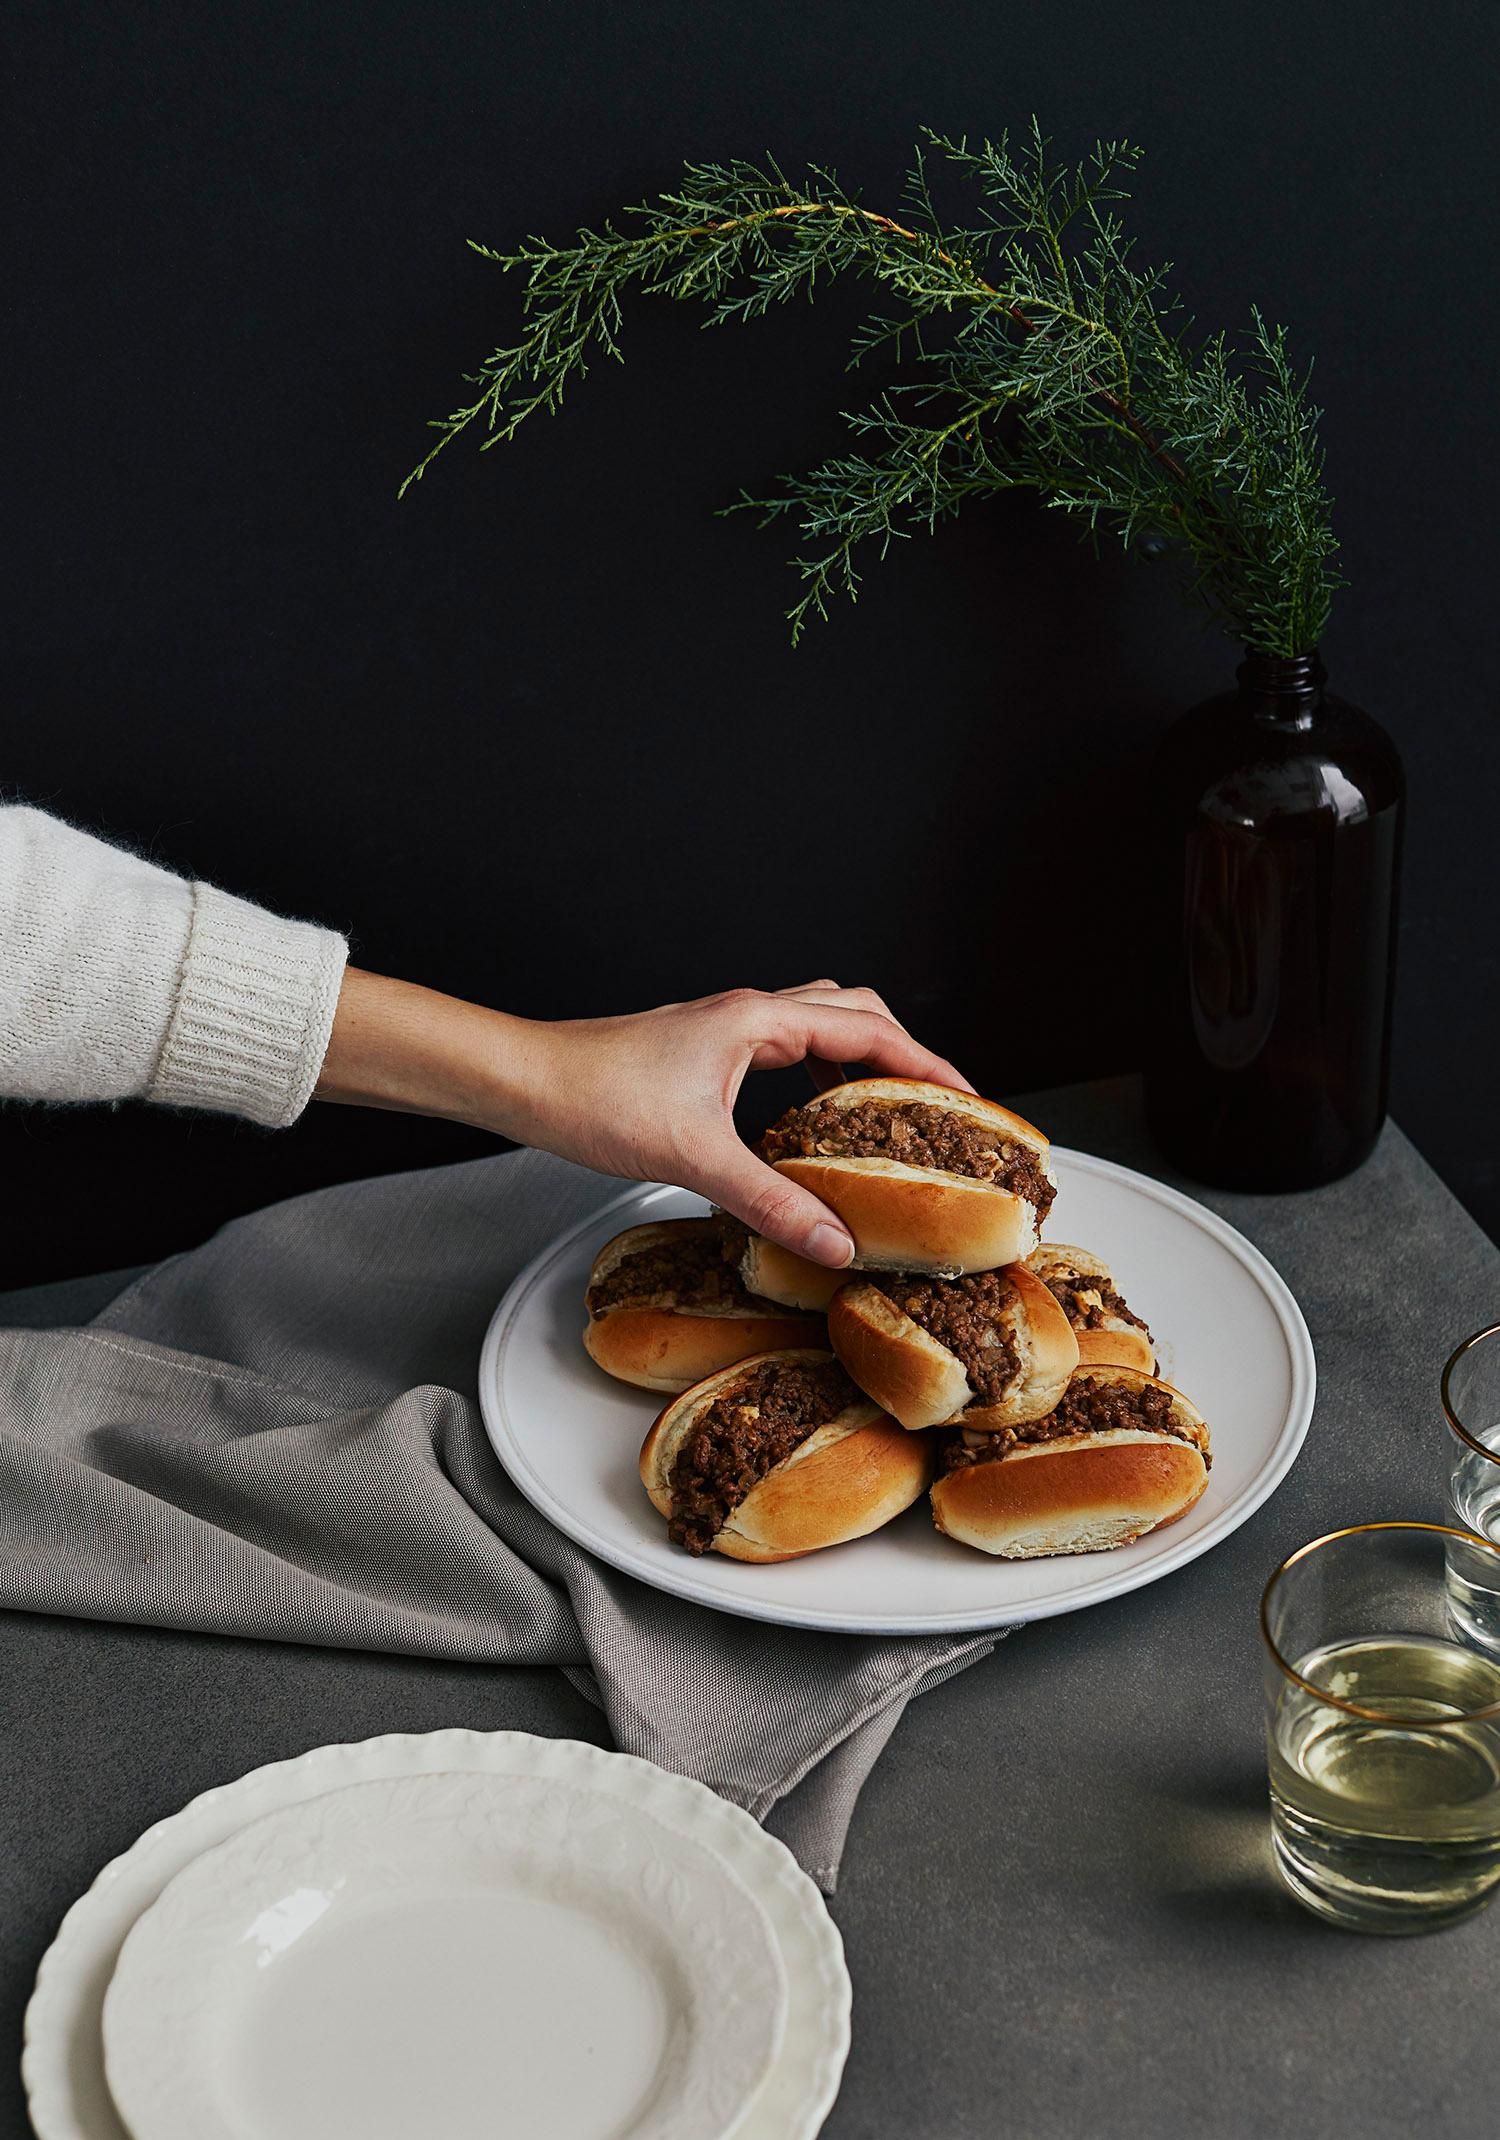 Petits pains farcis au boeuf & au fromage brie